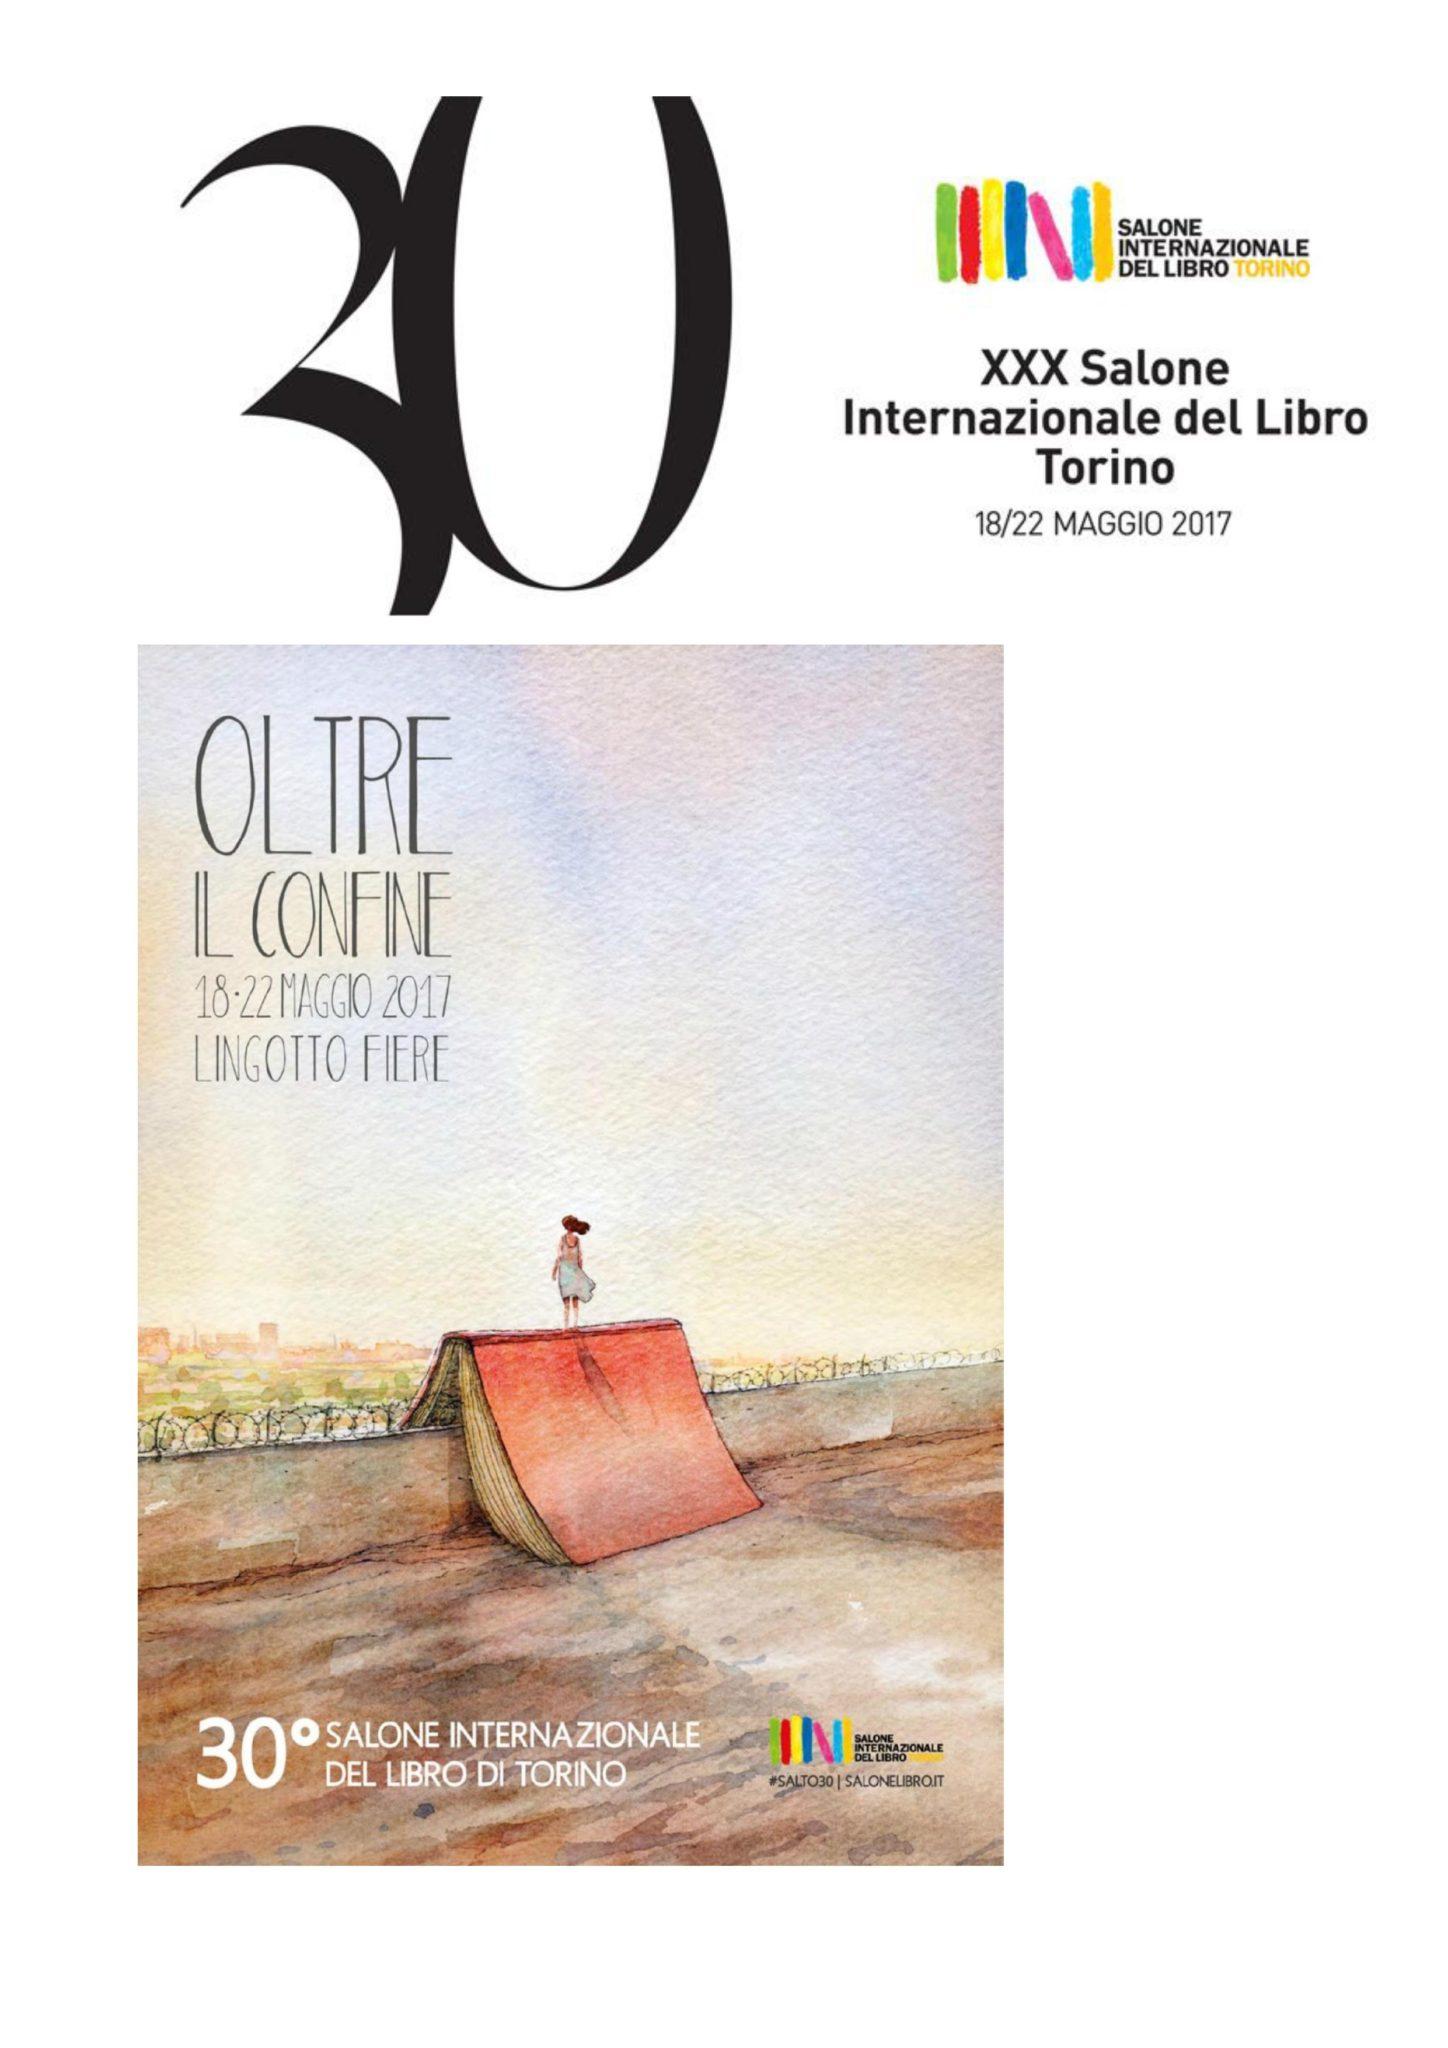 XXX Salone Internazionale del libro